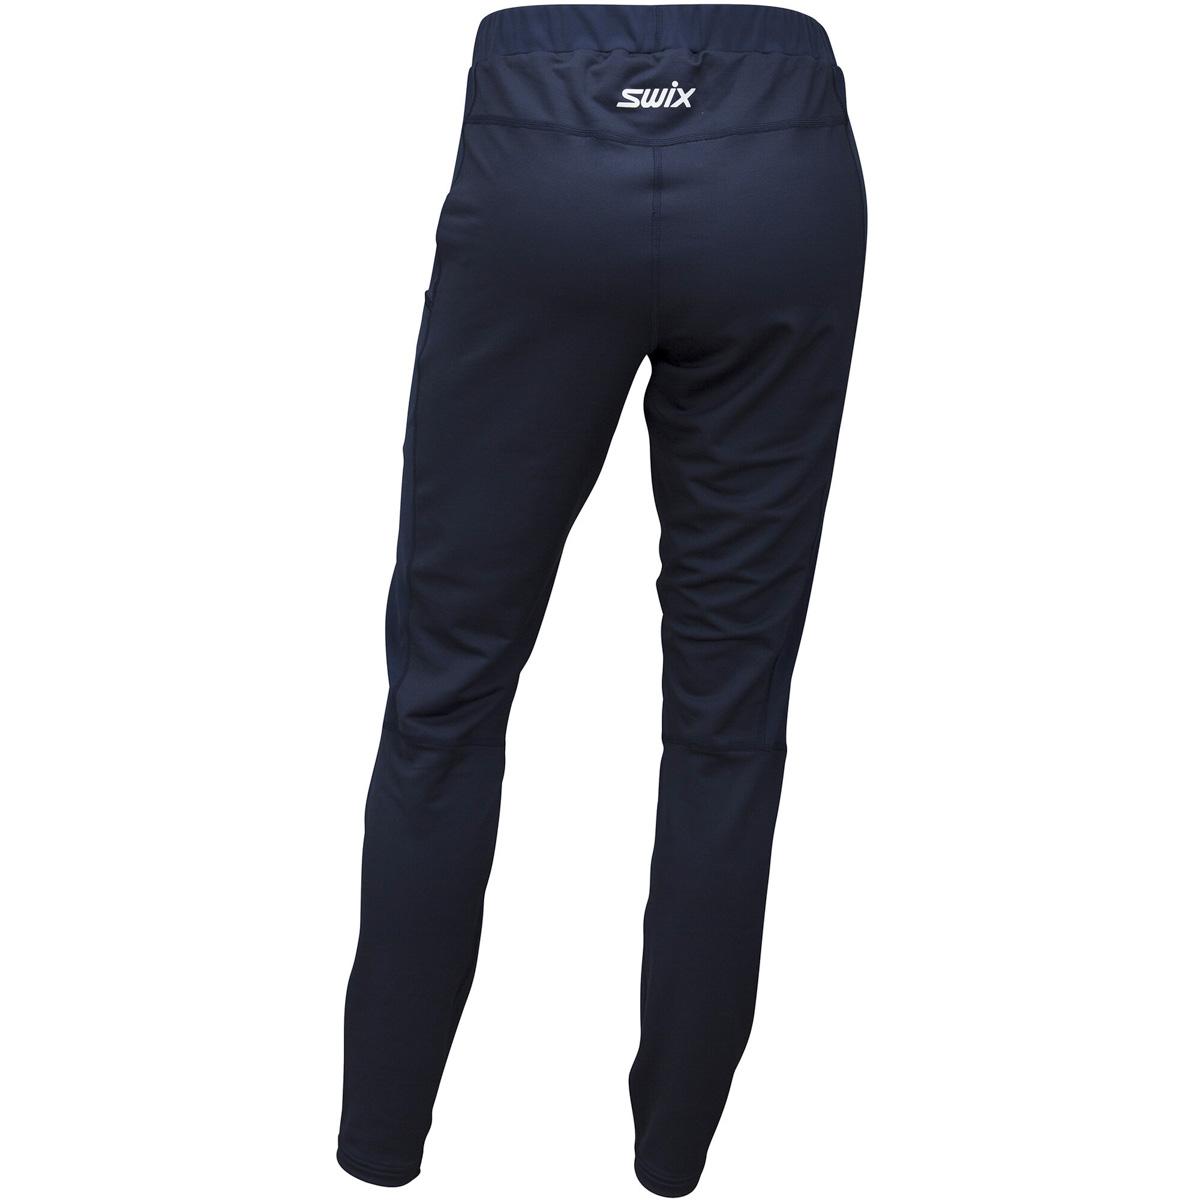 22264-75100_Swix_pánské_kalhoty_Dynamic_warm_Swixshop_1